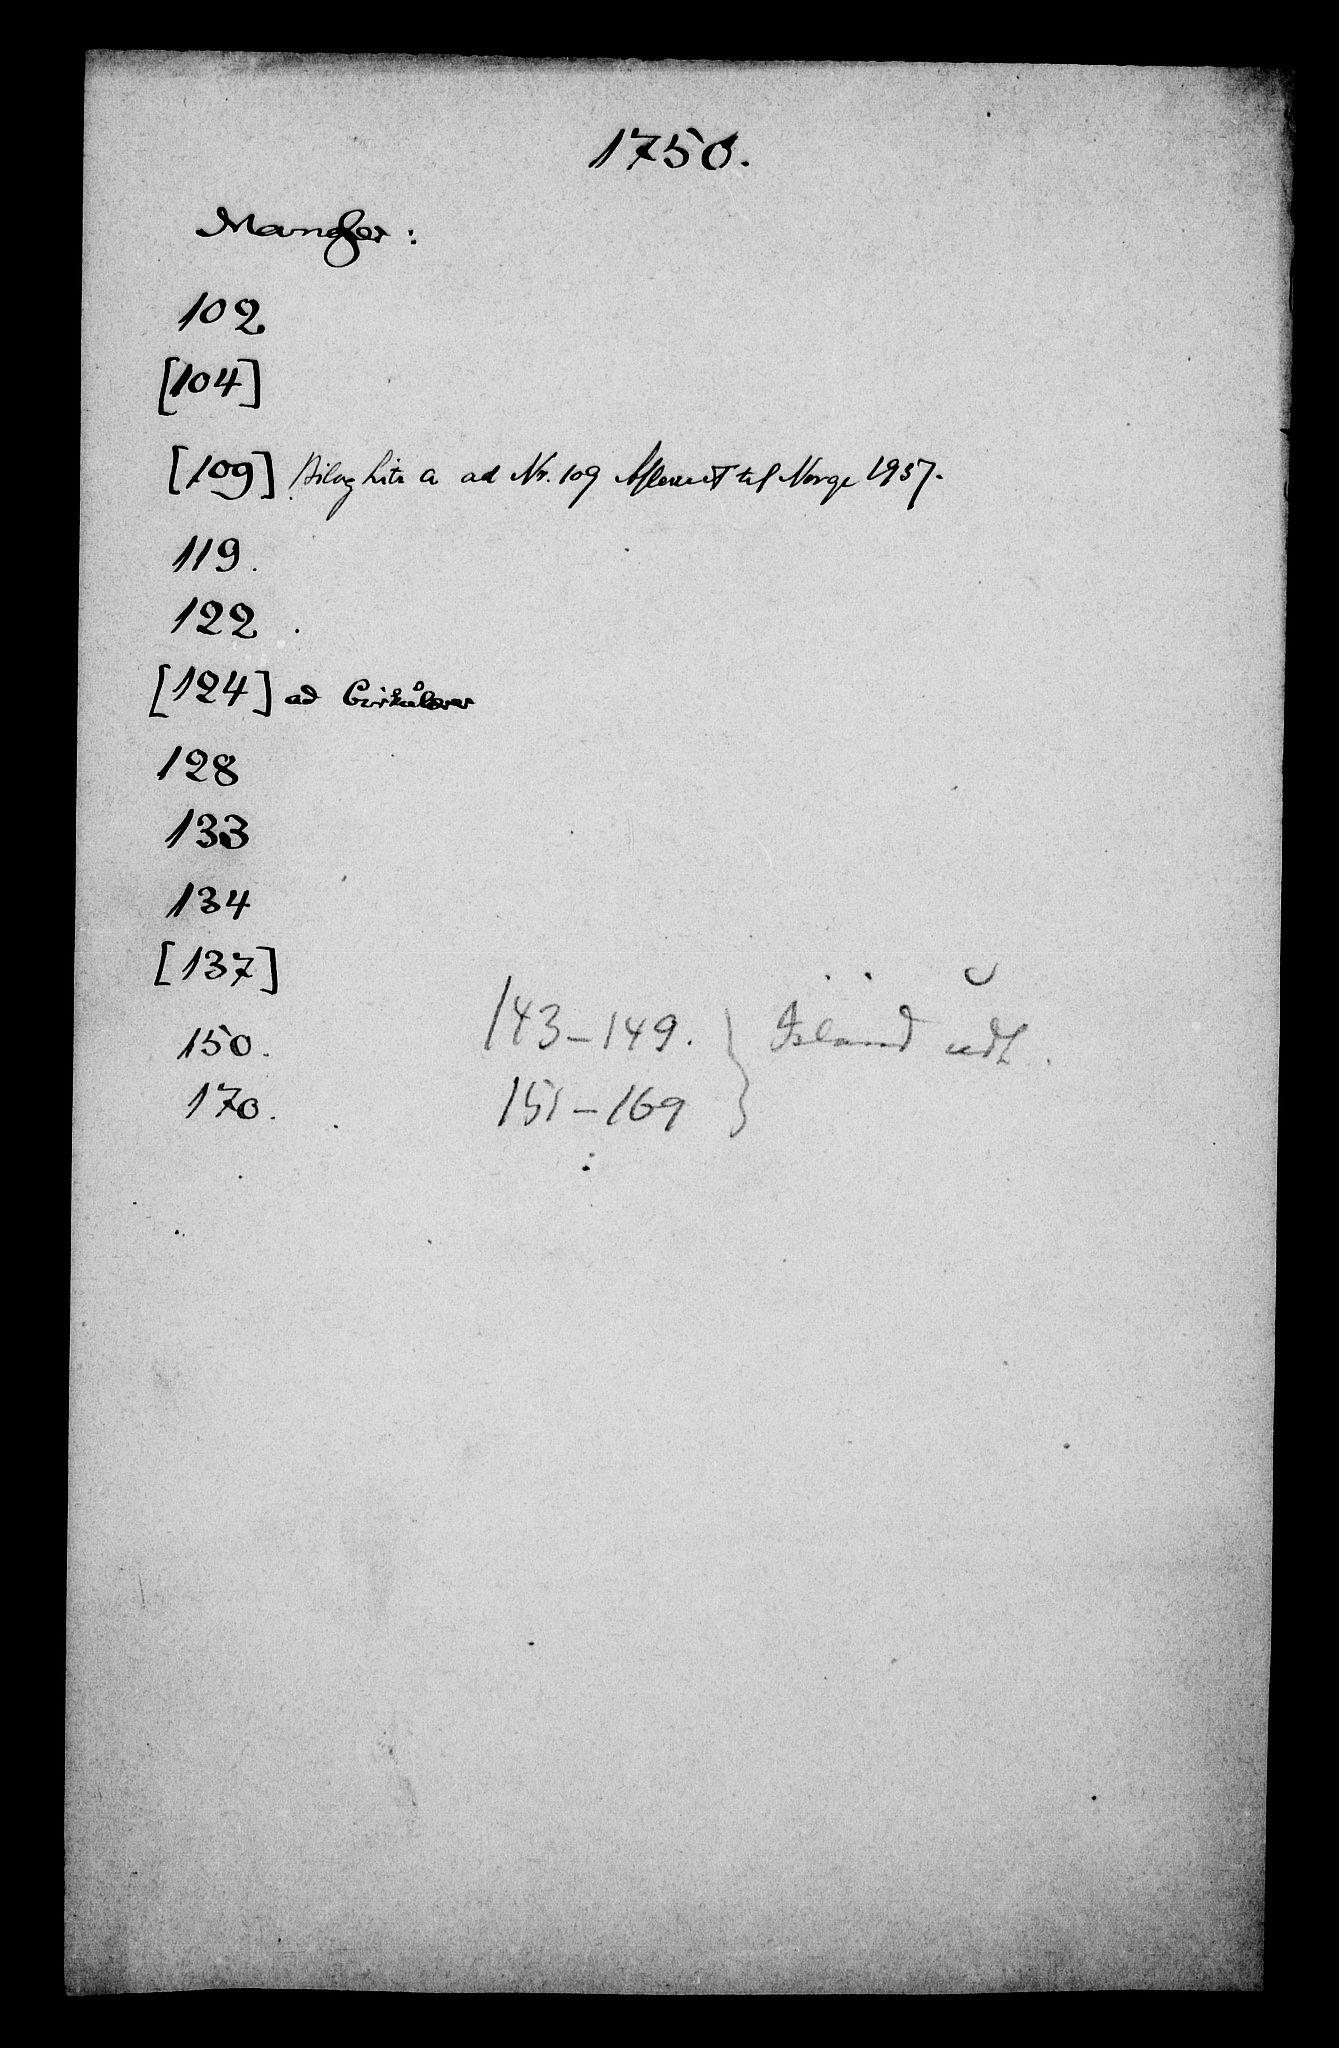 DRA, Generalkirkeinspektionskollegiet, F4-06/F4-06-21: Protokollerede indkomne sager, 1750